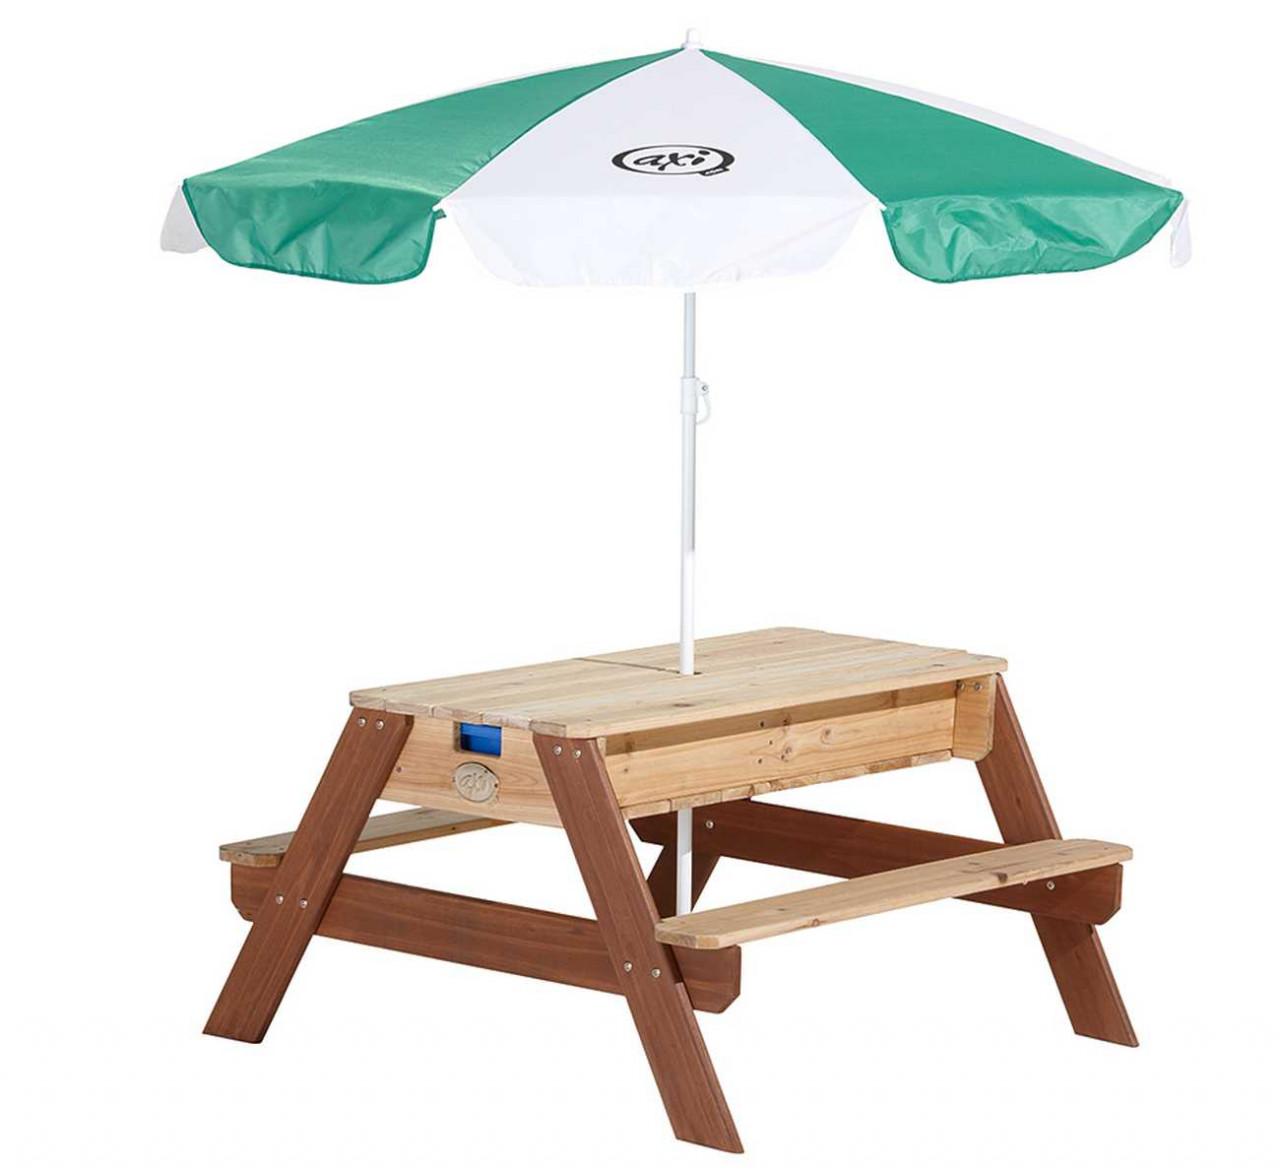 Nick Picnic-Tisch Sand & Wasser mit Sonnenschirm für Kinder